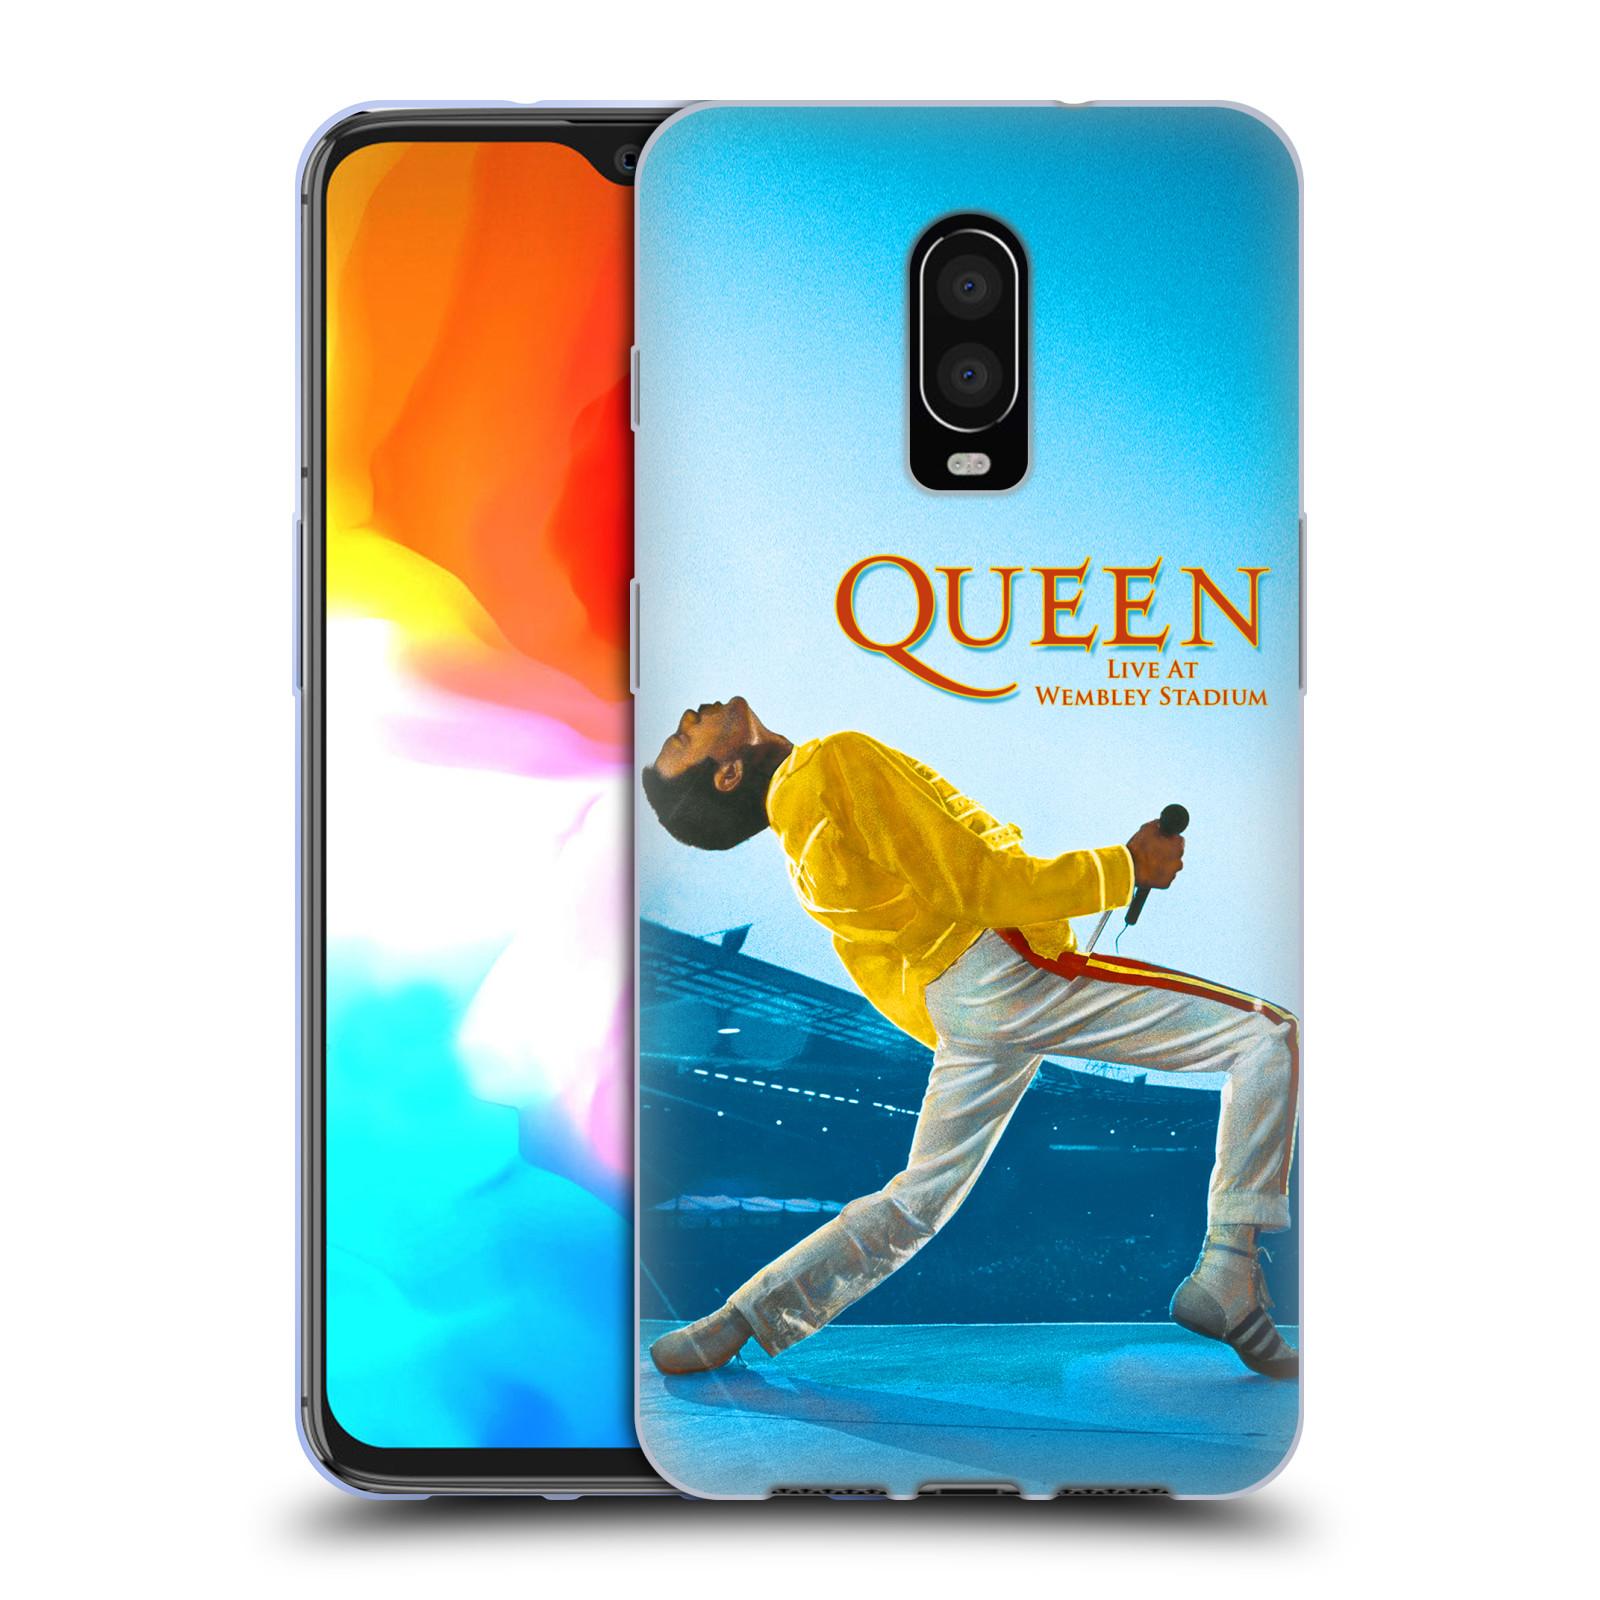 Silikonové pouzdro na mobil OnePlus 6T - Head Case - Queen - Freddie Mercury